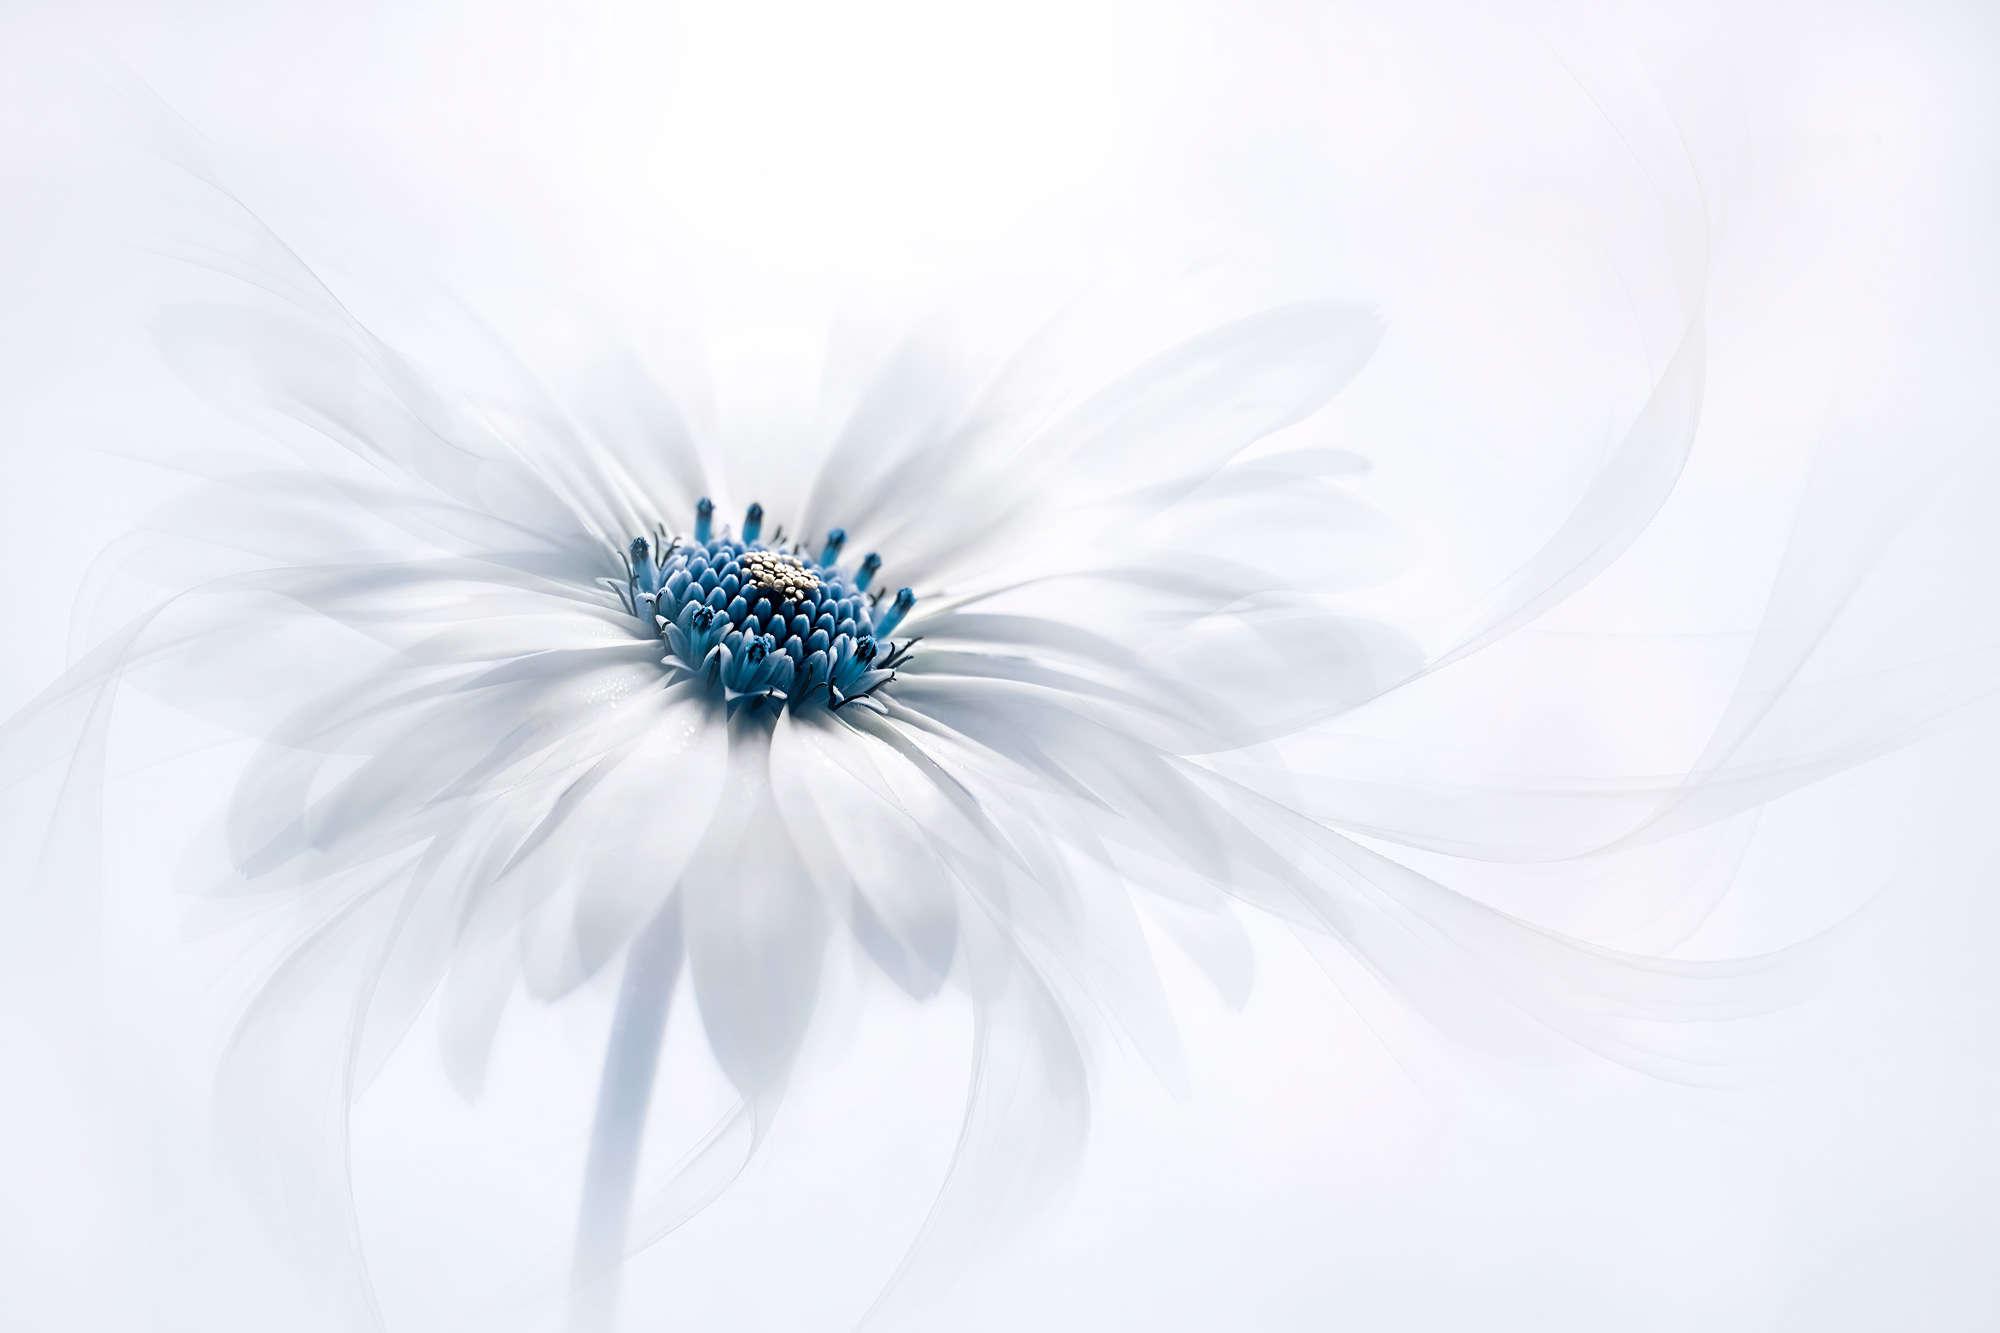 Jacky Parker - Snow Bloom